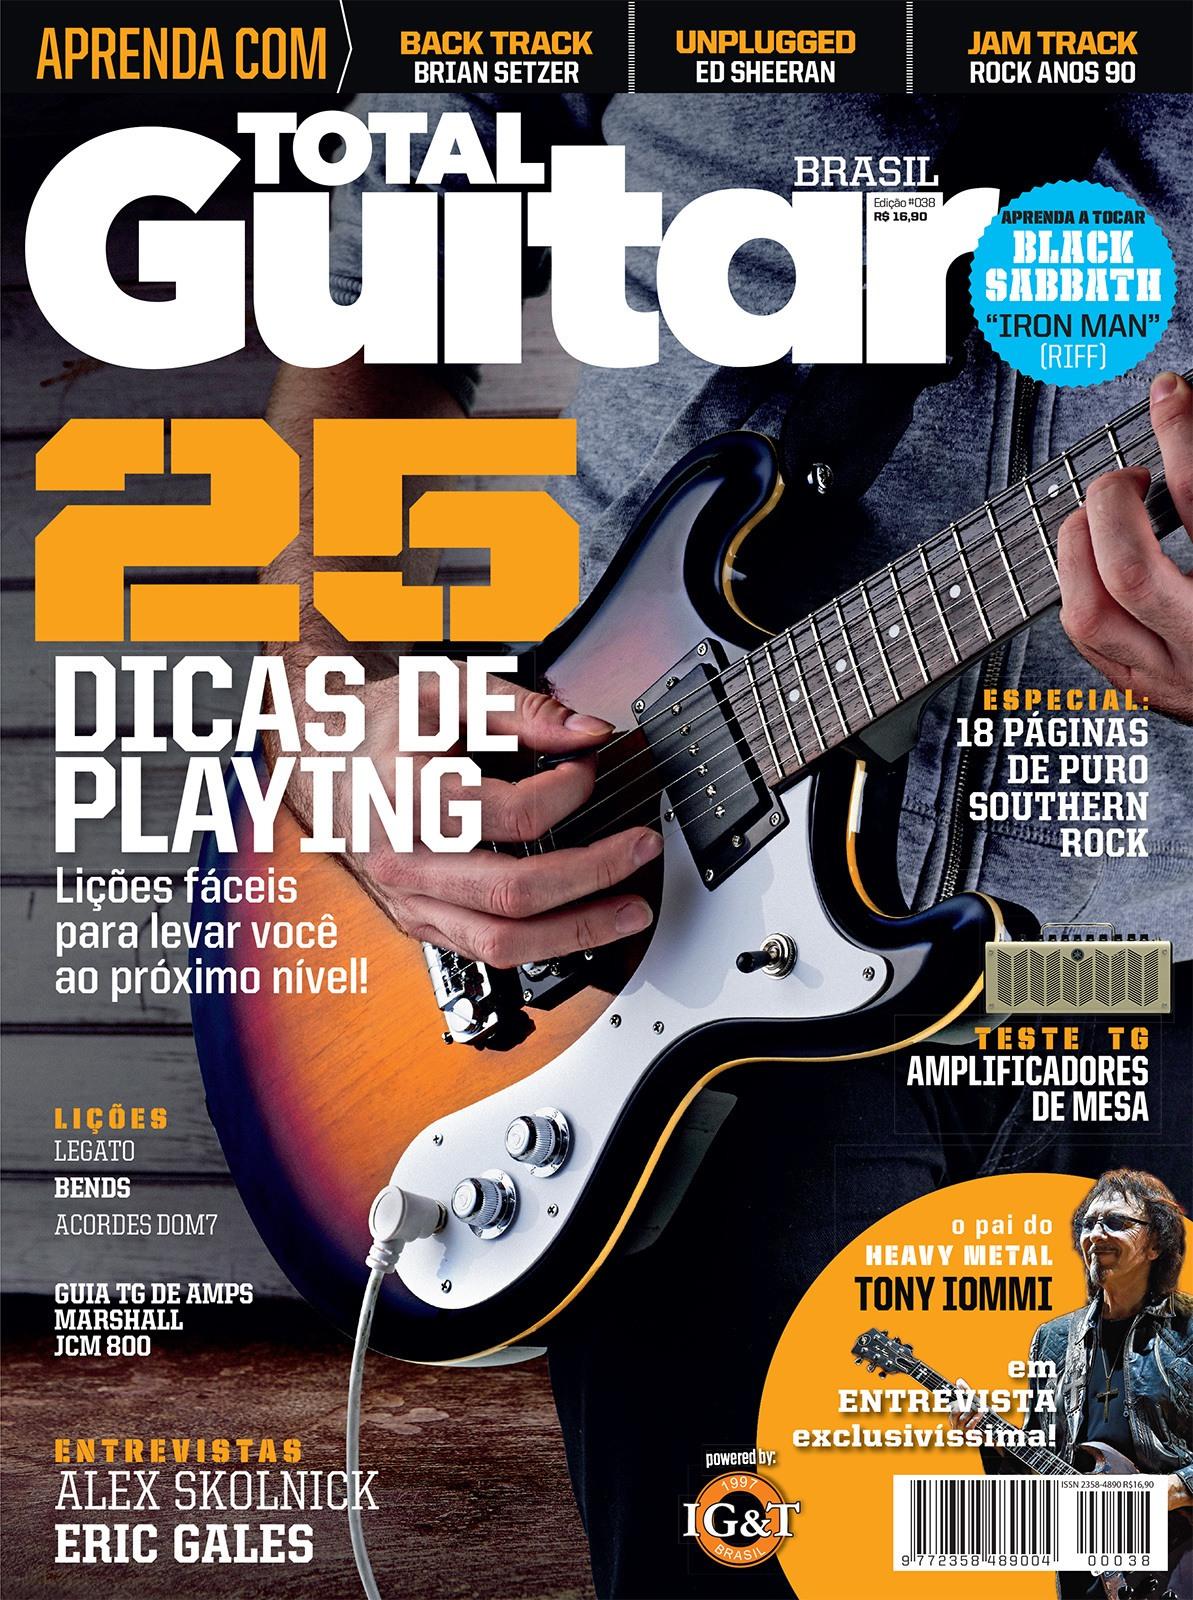 Revista Total Guitar Brasil #38 - Exclusivo Tony Iommi e 25 maneiras para melhorar seu playing